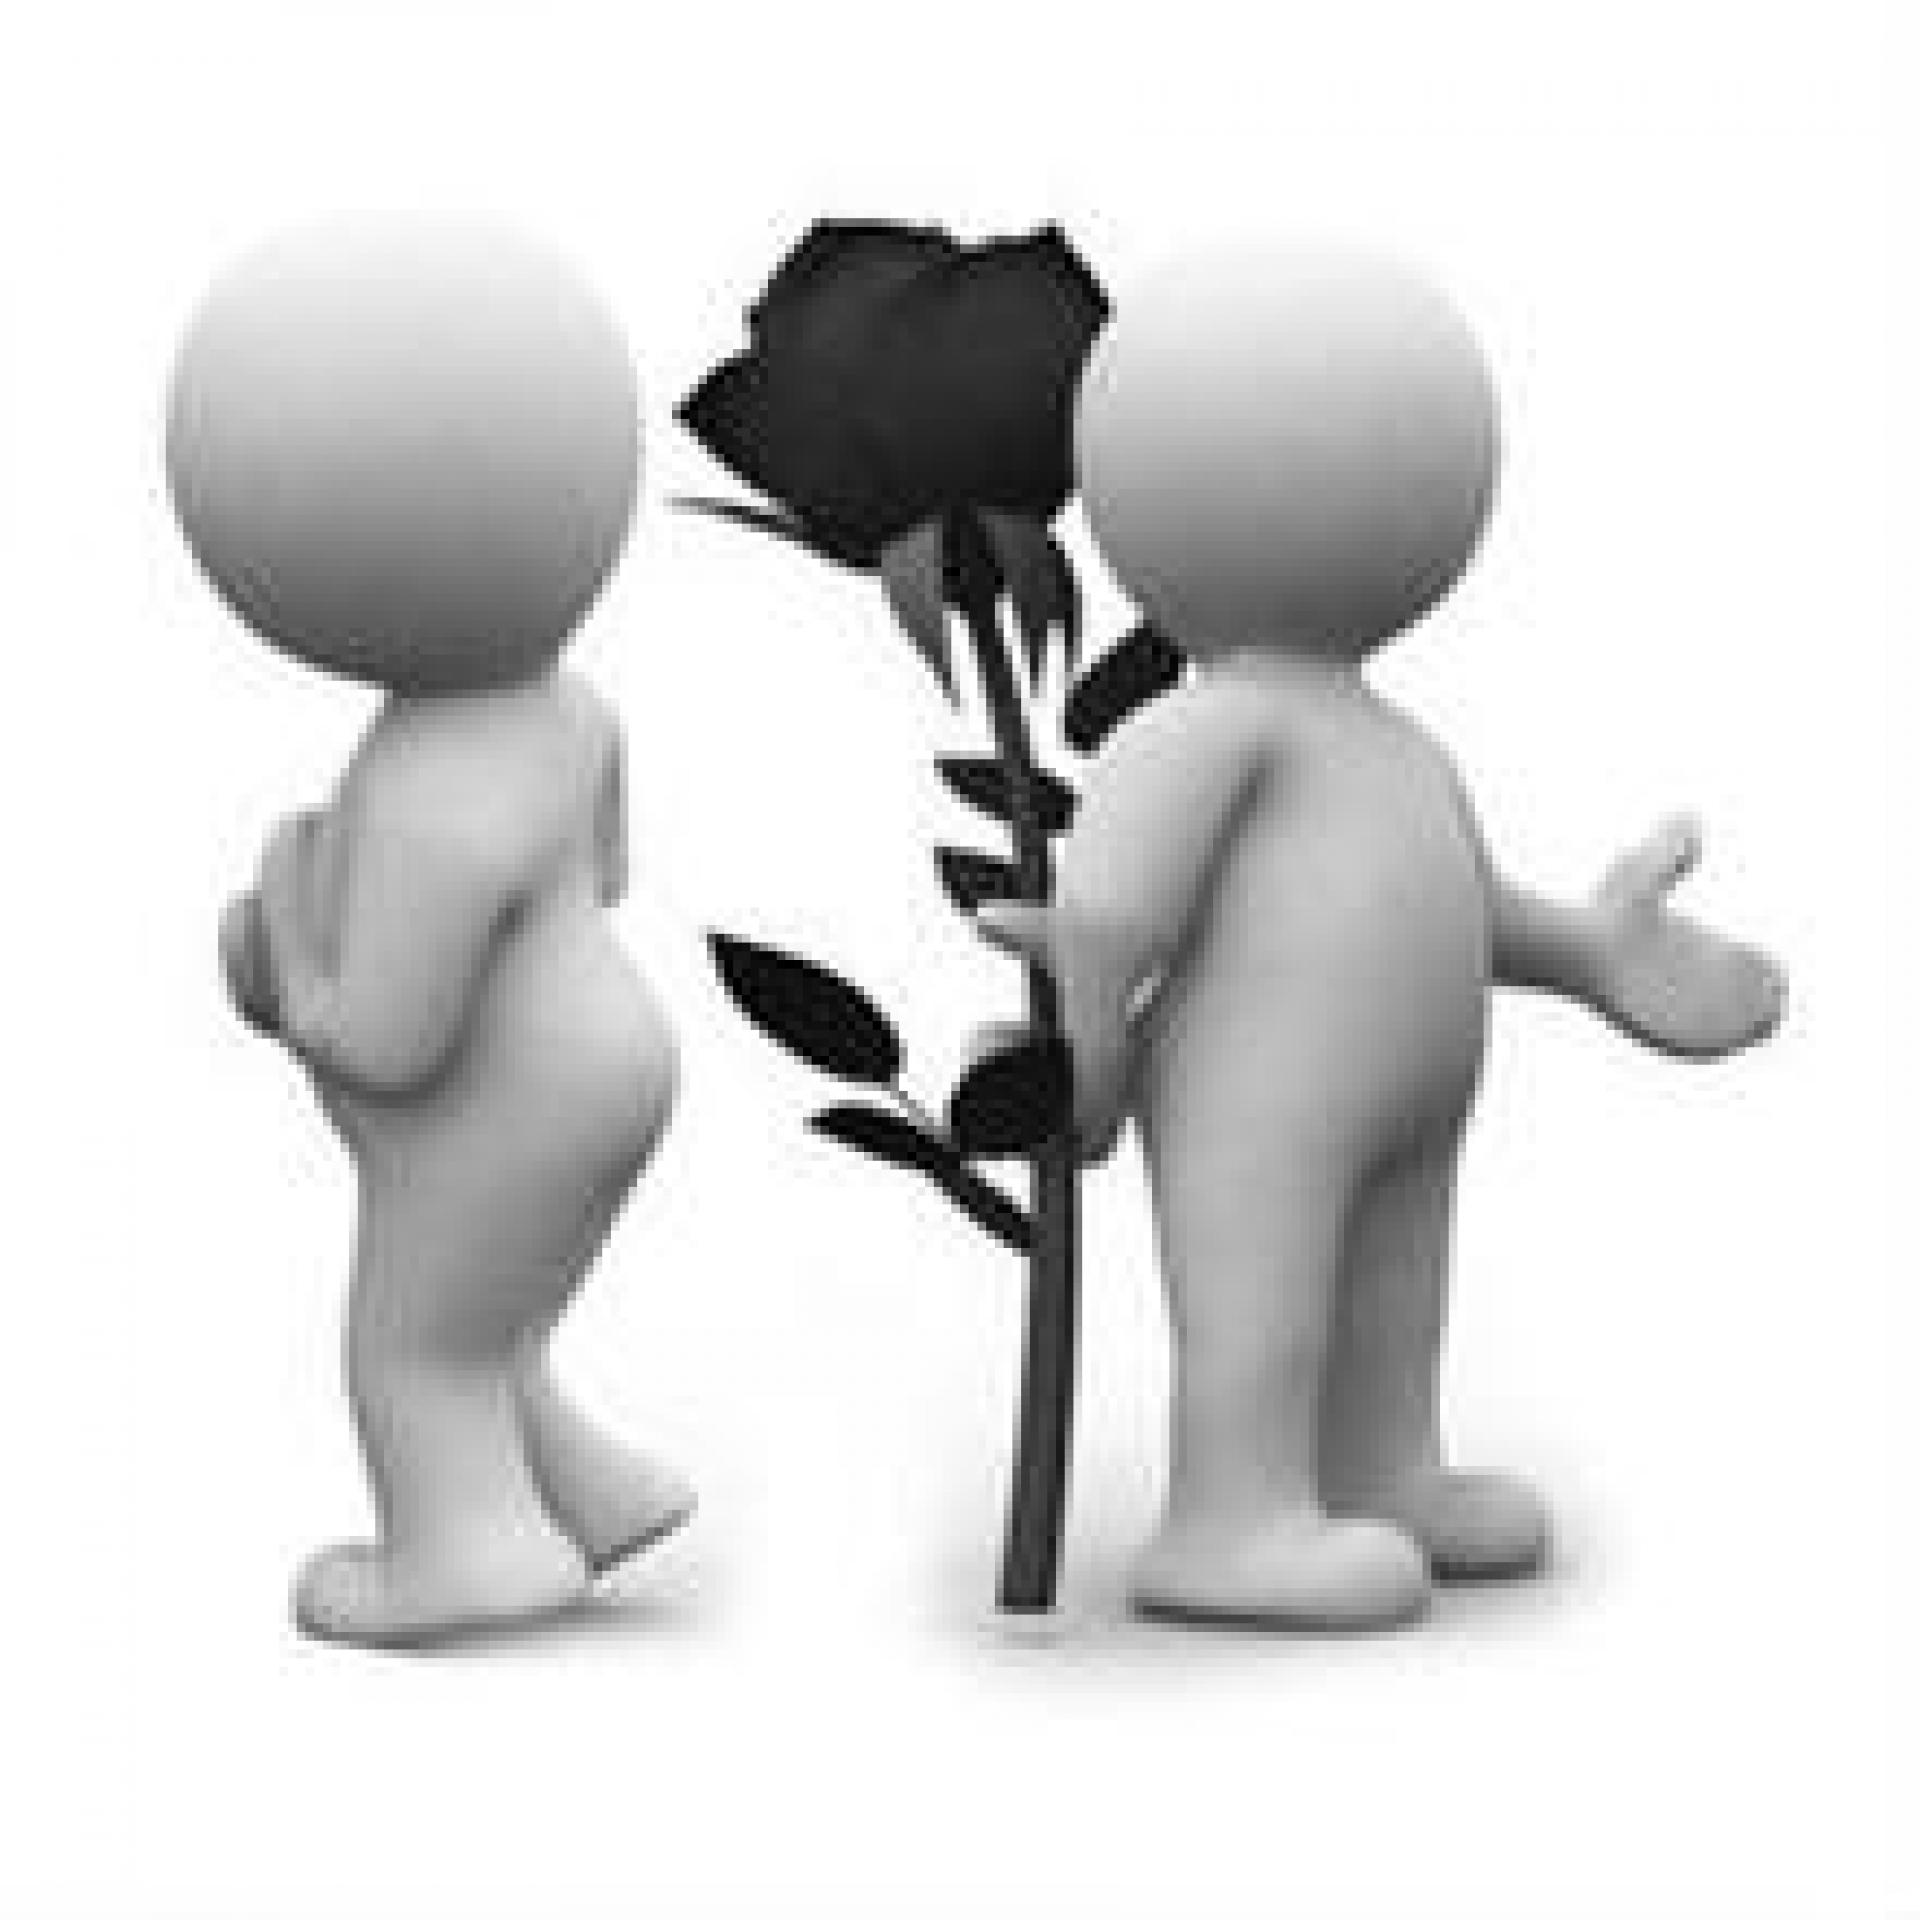 申请宣告婚姻无效应提交的证据